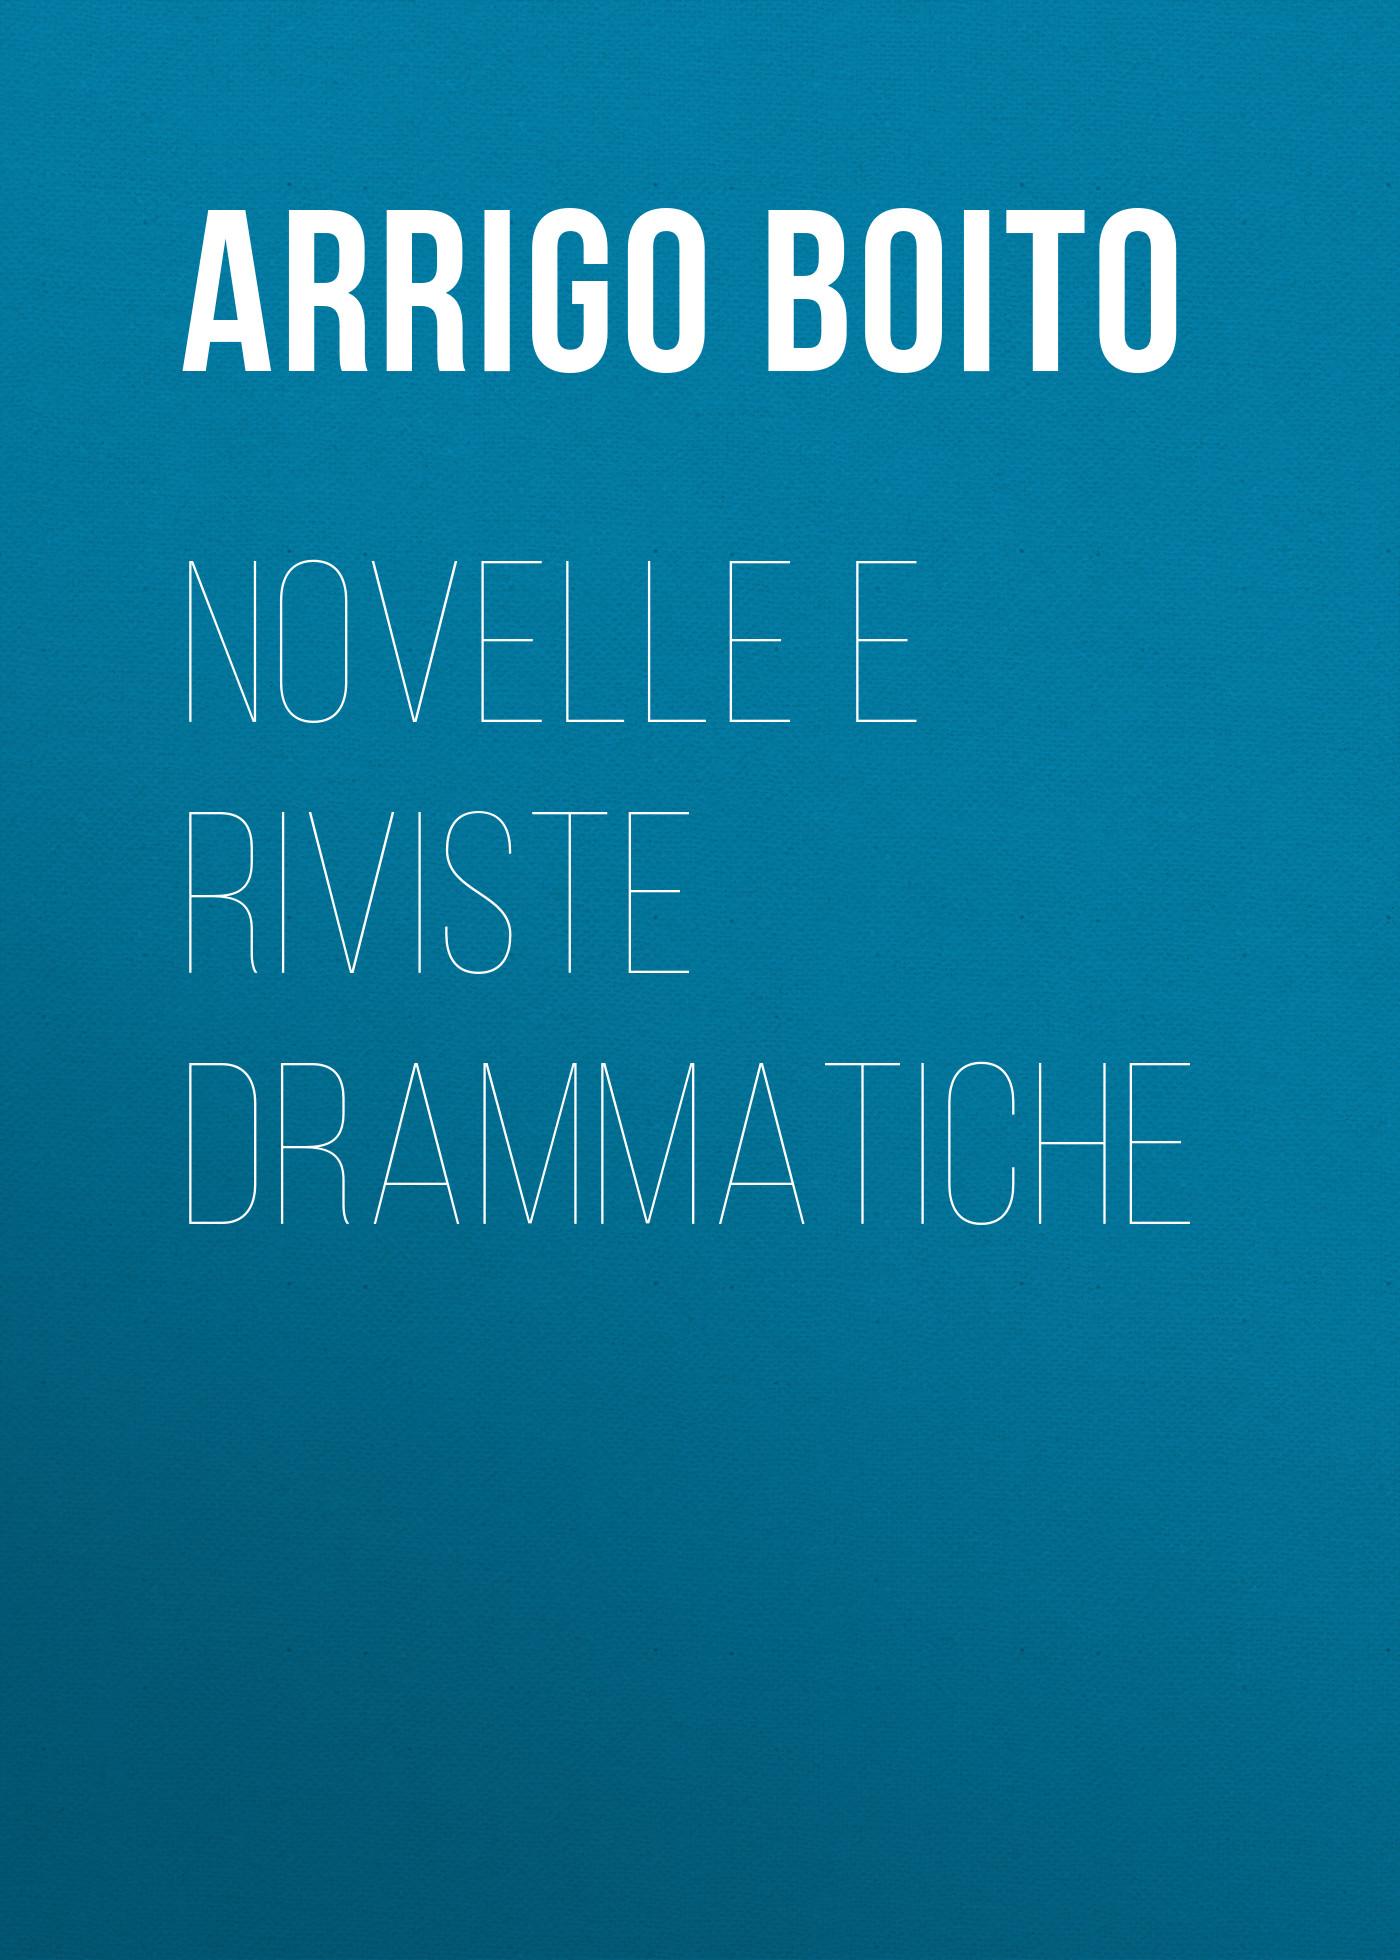 Arrigo Boito Novelle e riviste drammatiche ghislanzoni antonio racconti e novelle